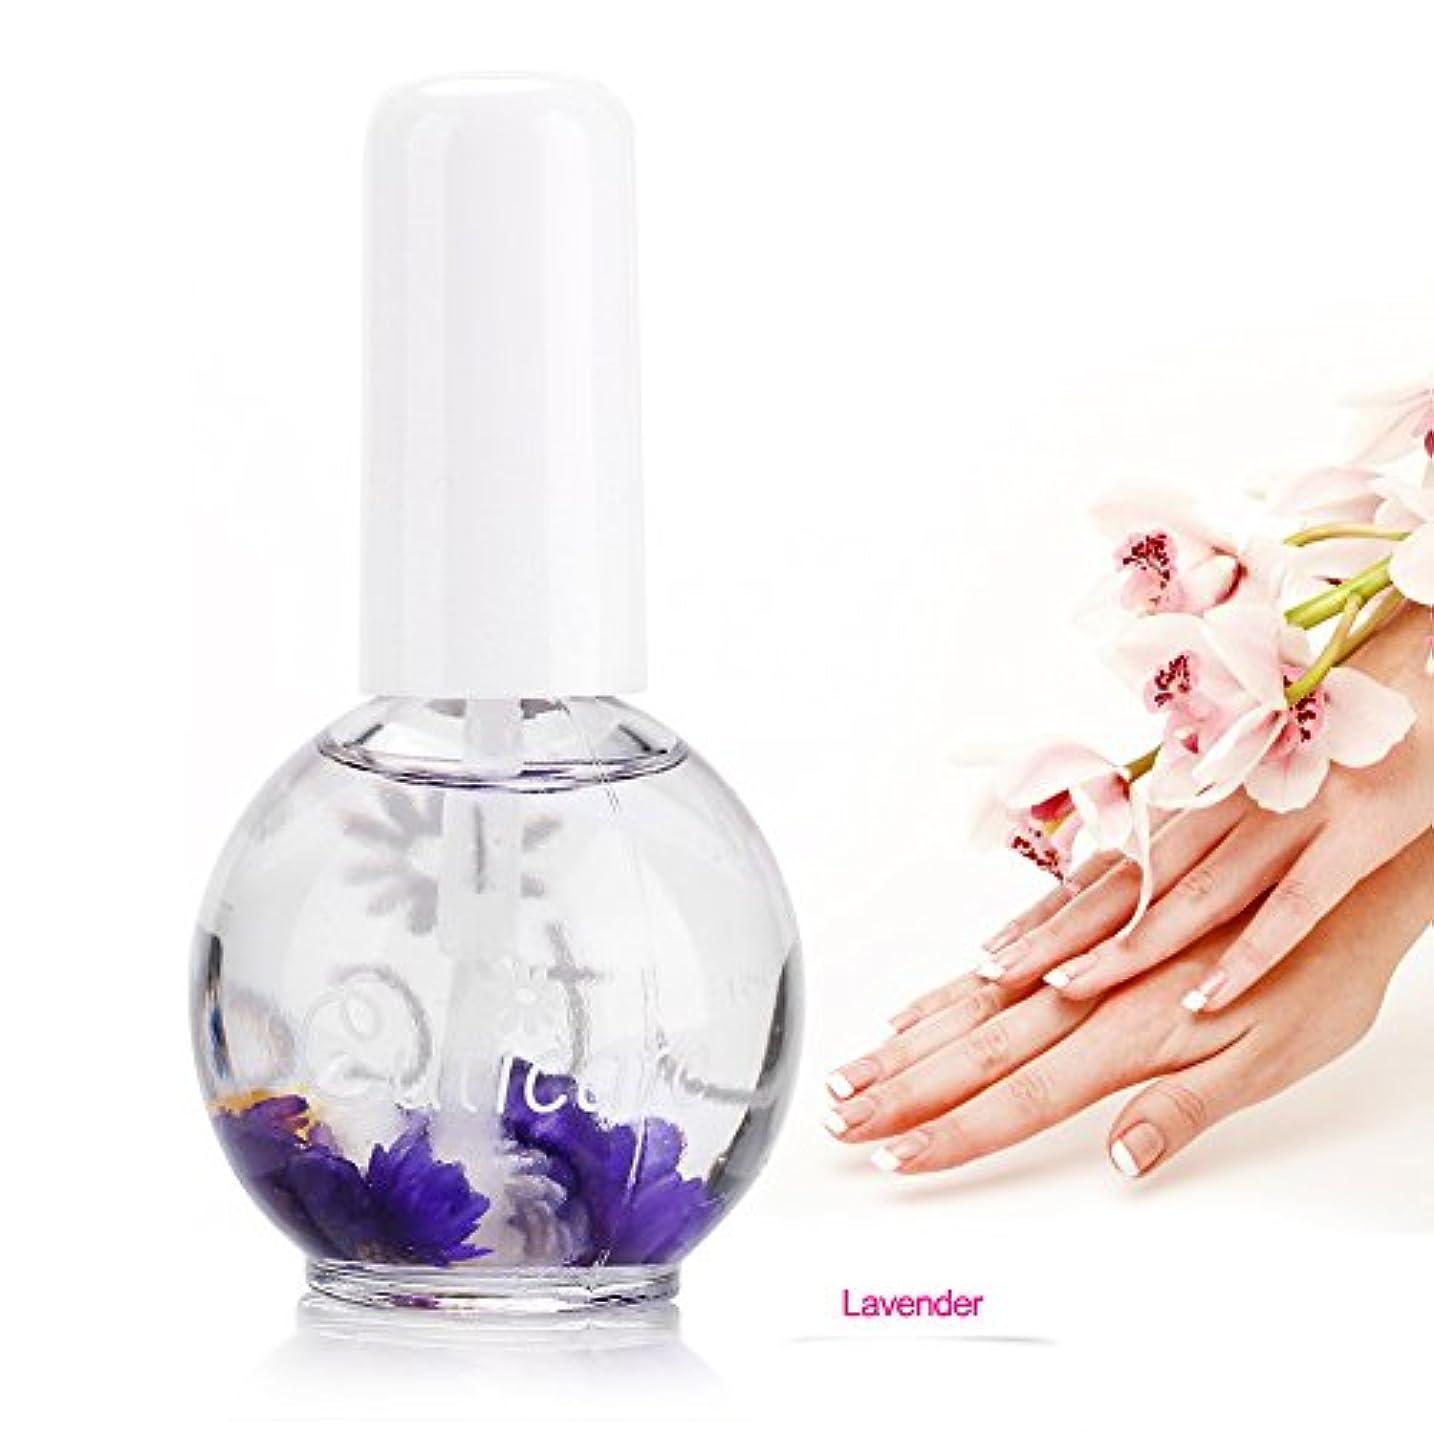 軽く急行する影響を受けやすいですネイル栄養オイル、ネイル栄養オイルネイルキューティクルオイル処理栄養ツールナチュラルドライフラワー(Lavender)